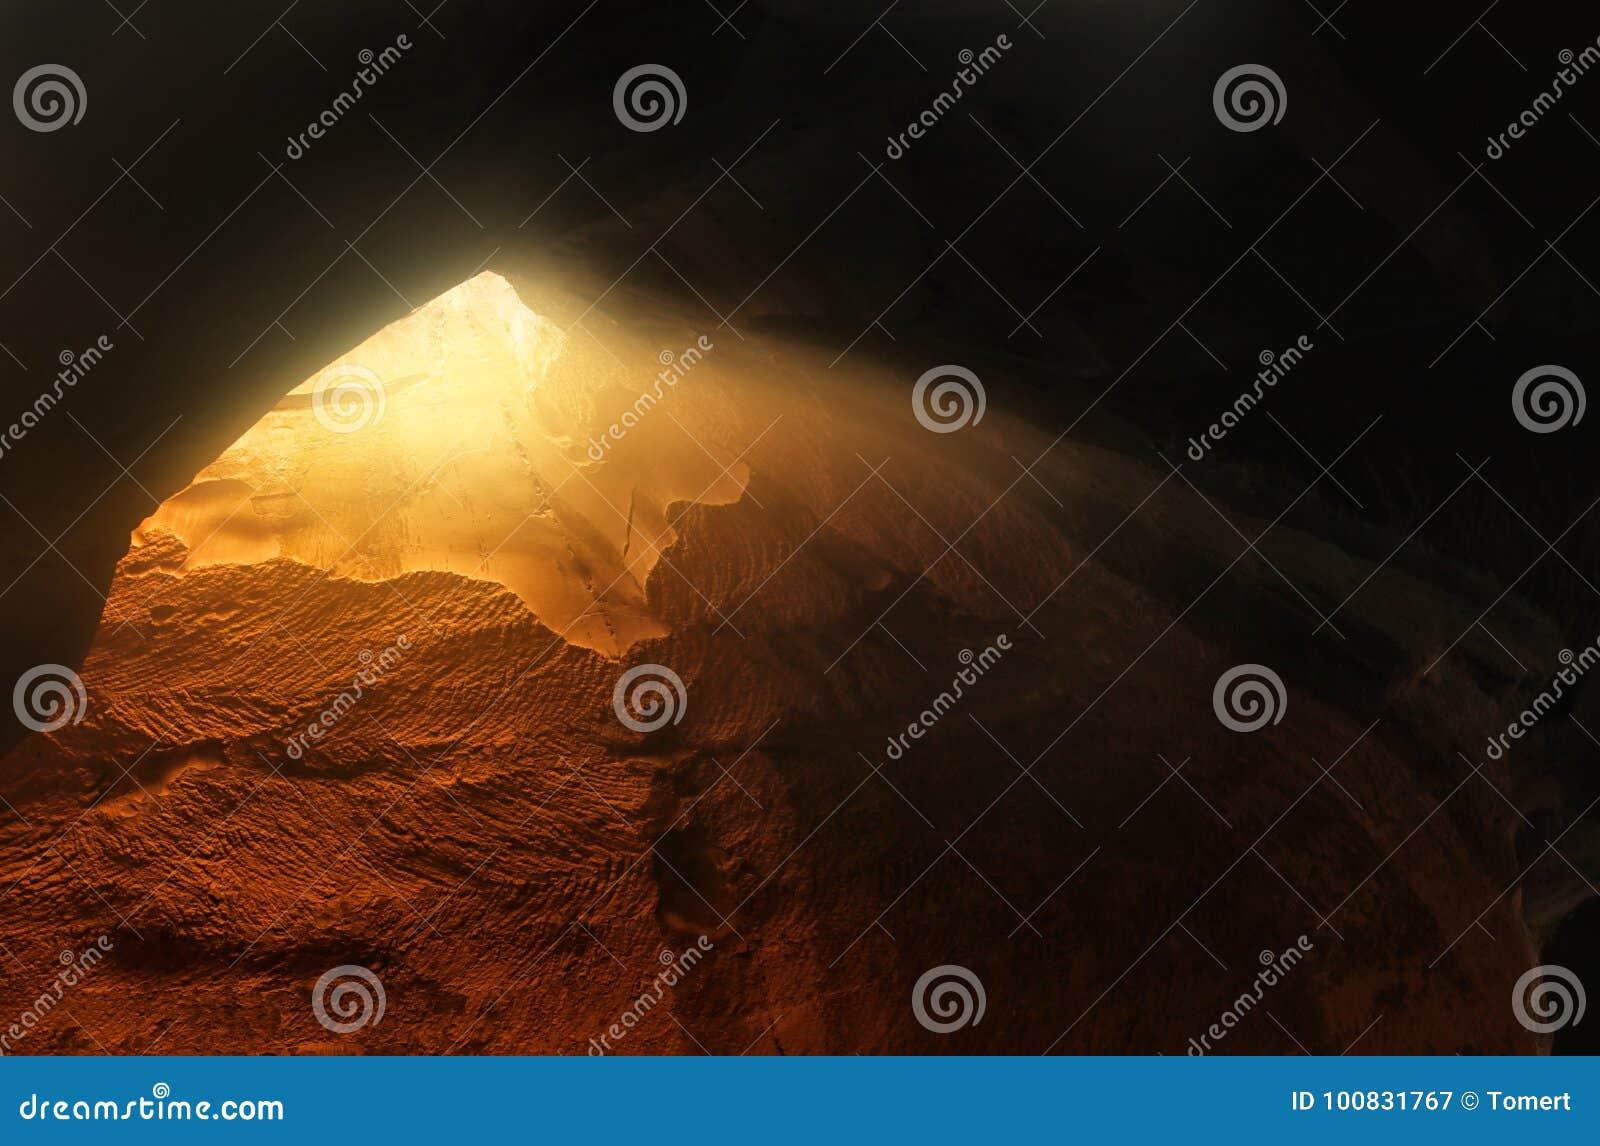 洞的抽象和超现实主义的图象与光的 揭示和打开门,圣经故事概念